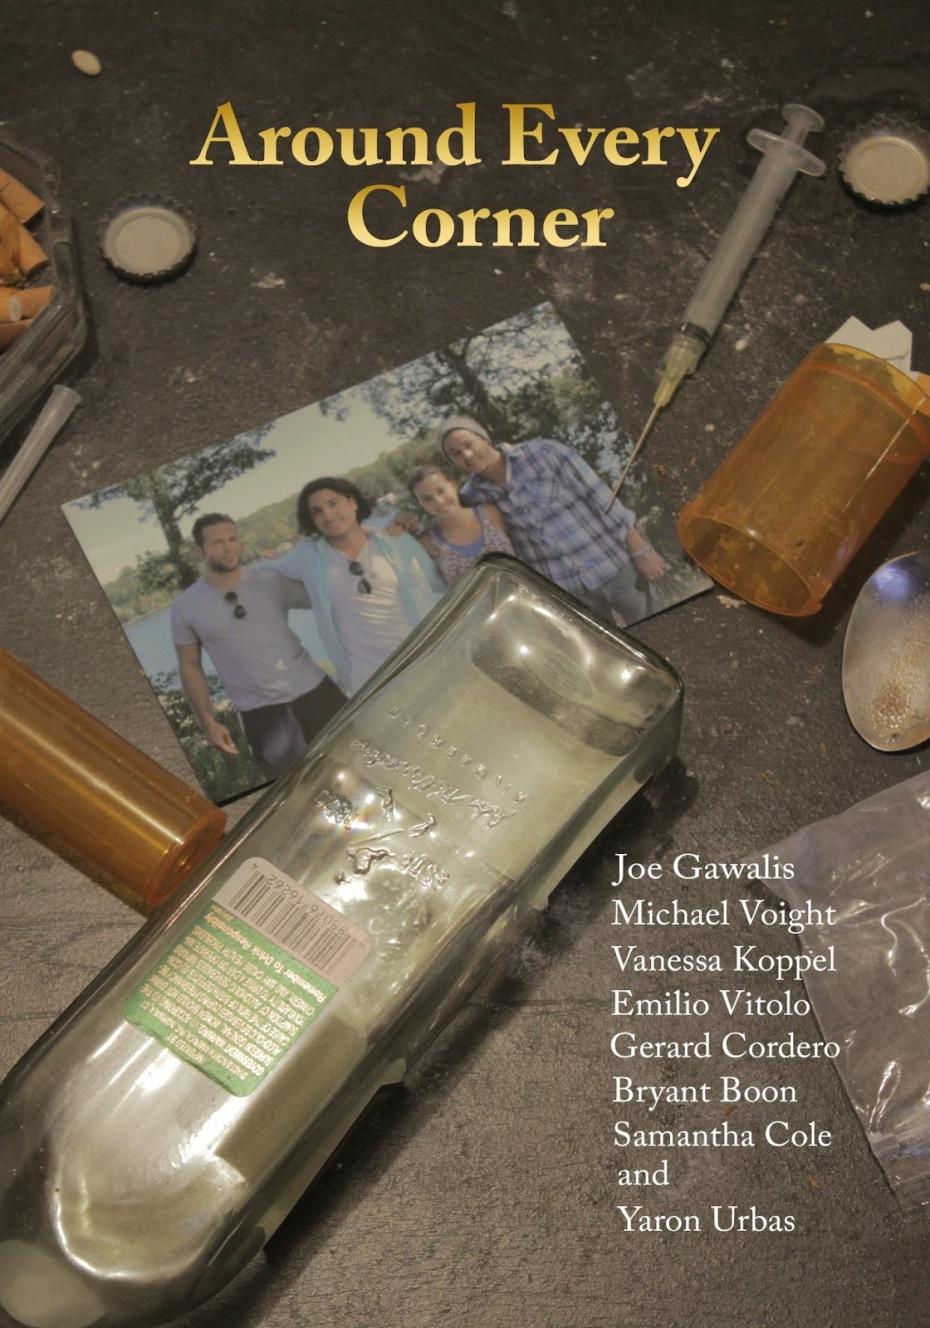 Around Every Corner Poster